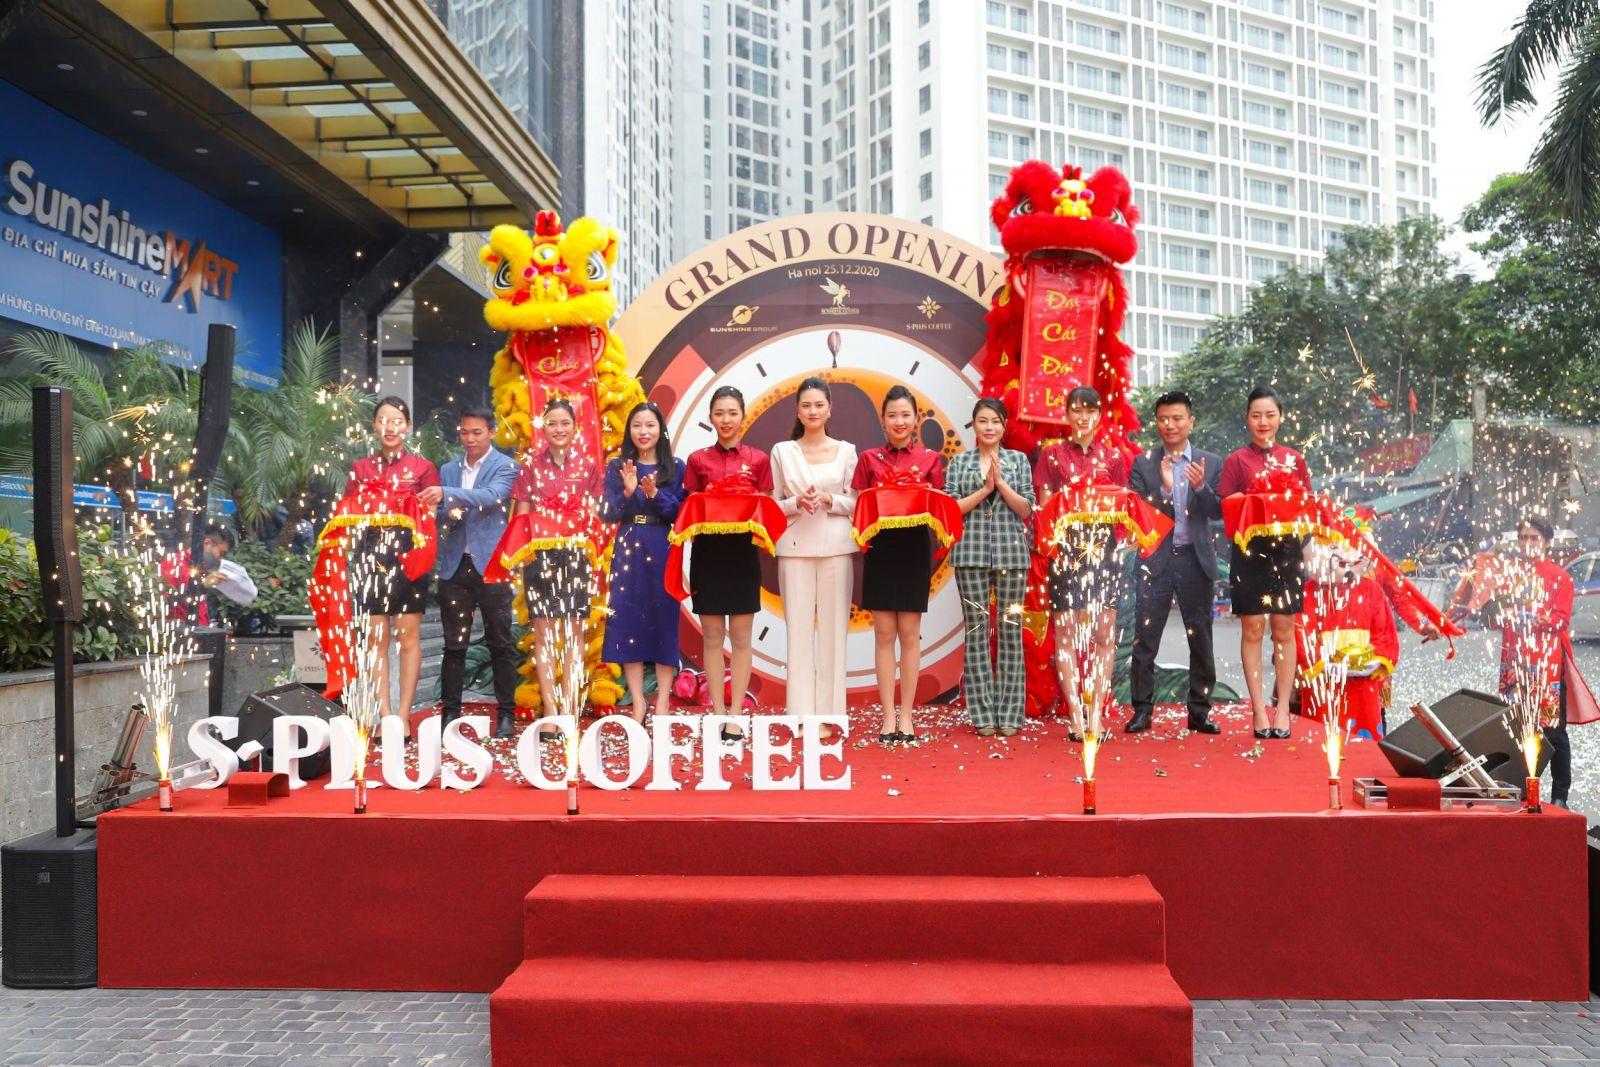 S-Plus coffee